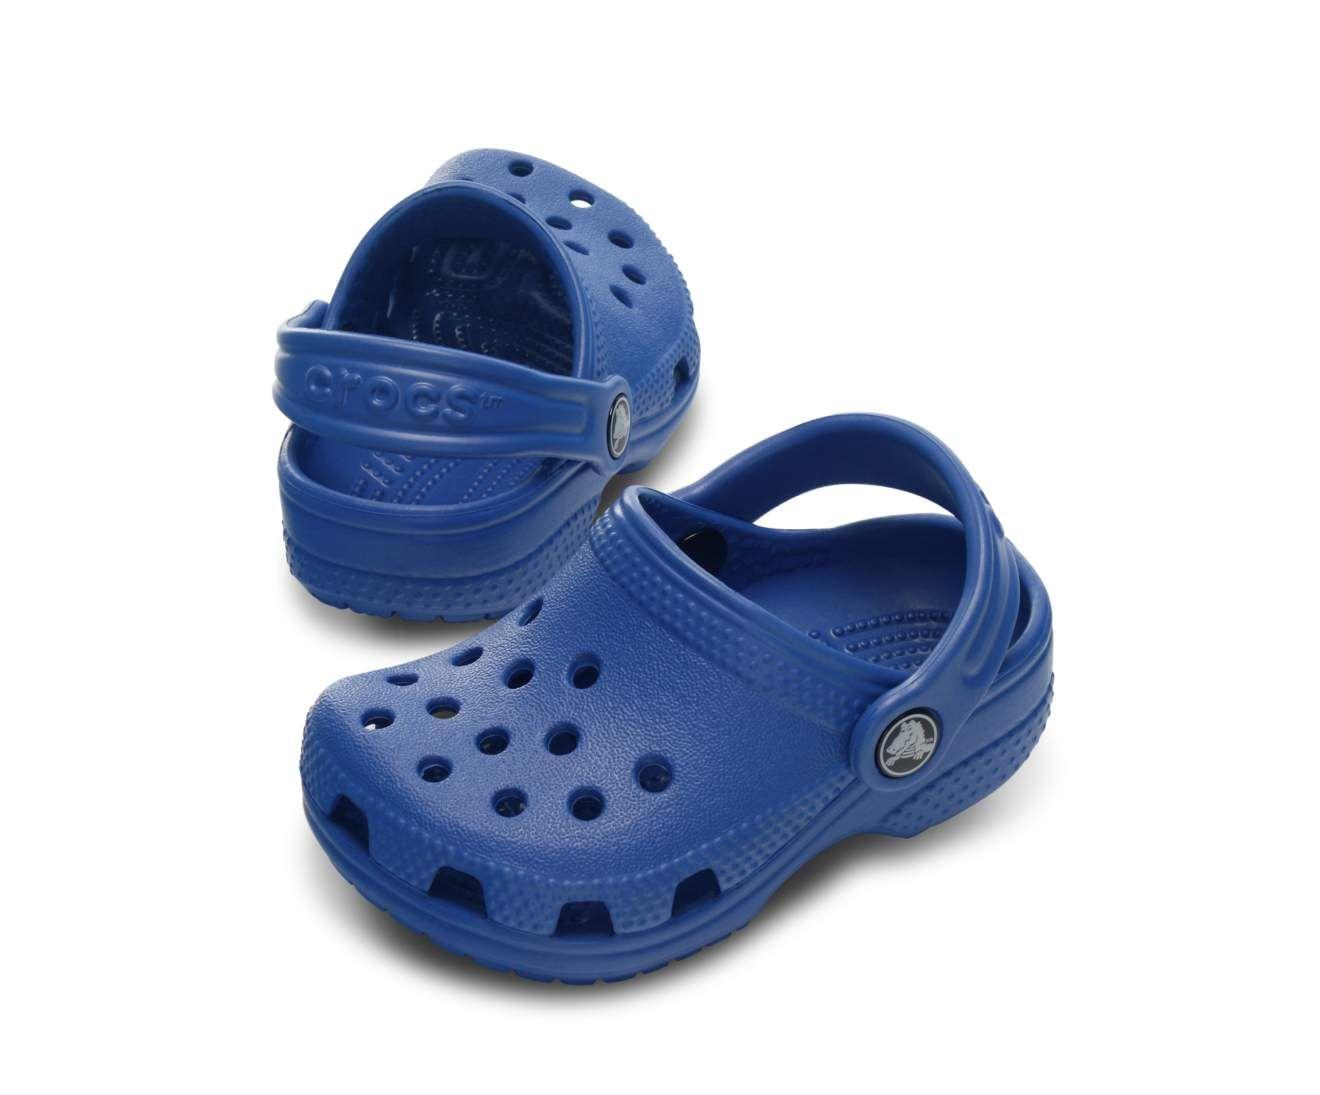 Kids Clogs | Crocs Shoes